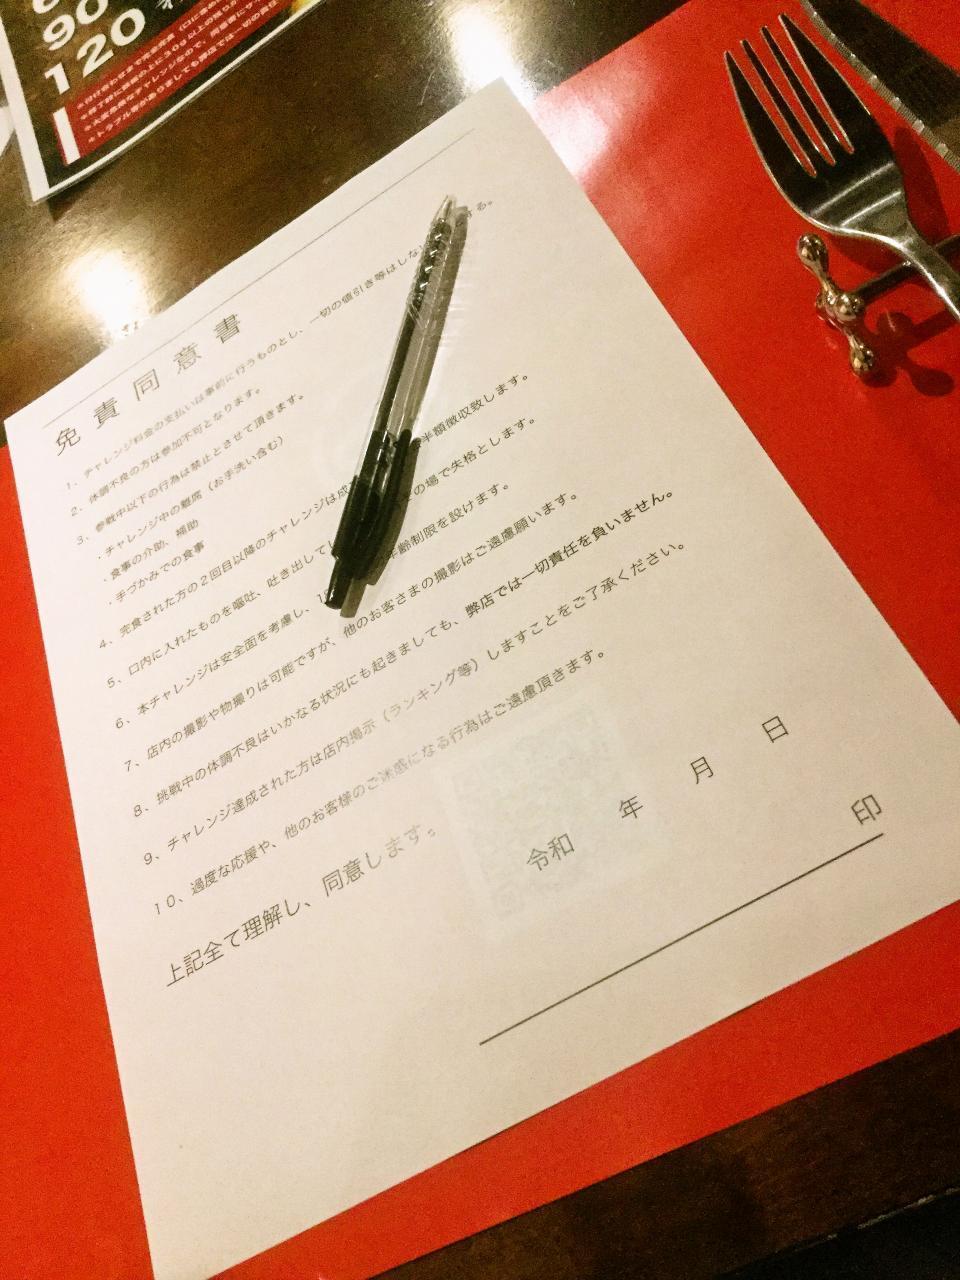 nijyu-kyu(誓約書)